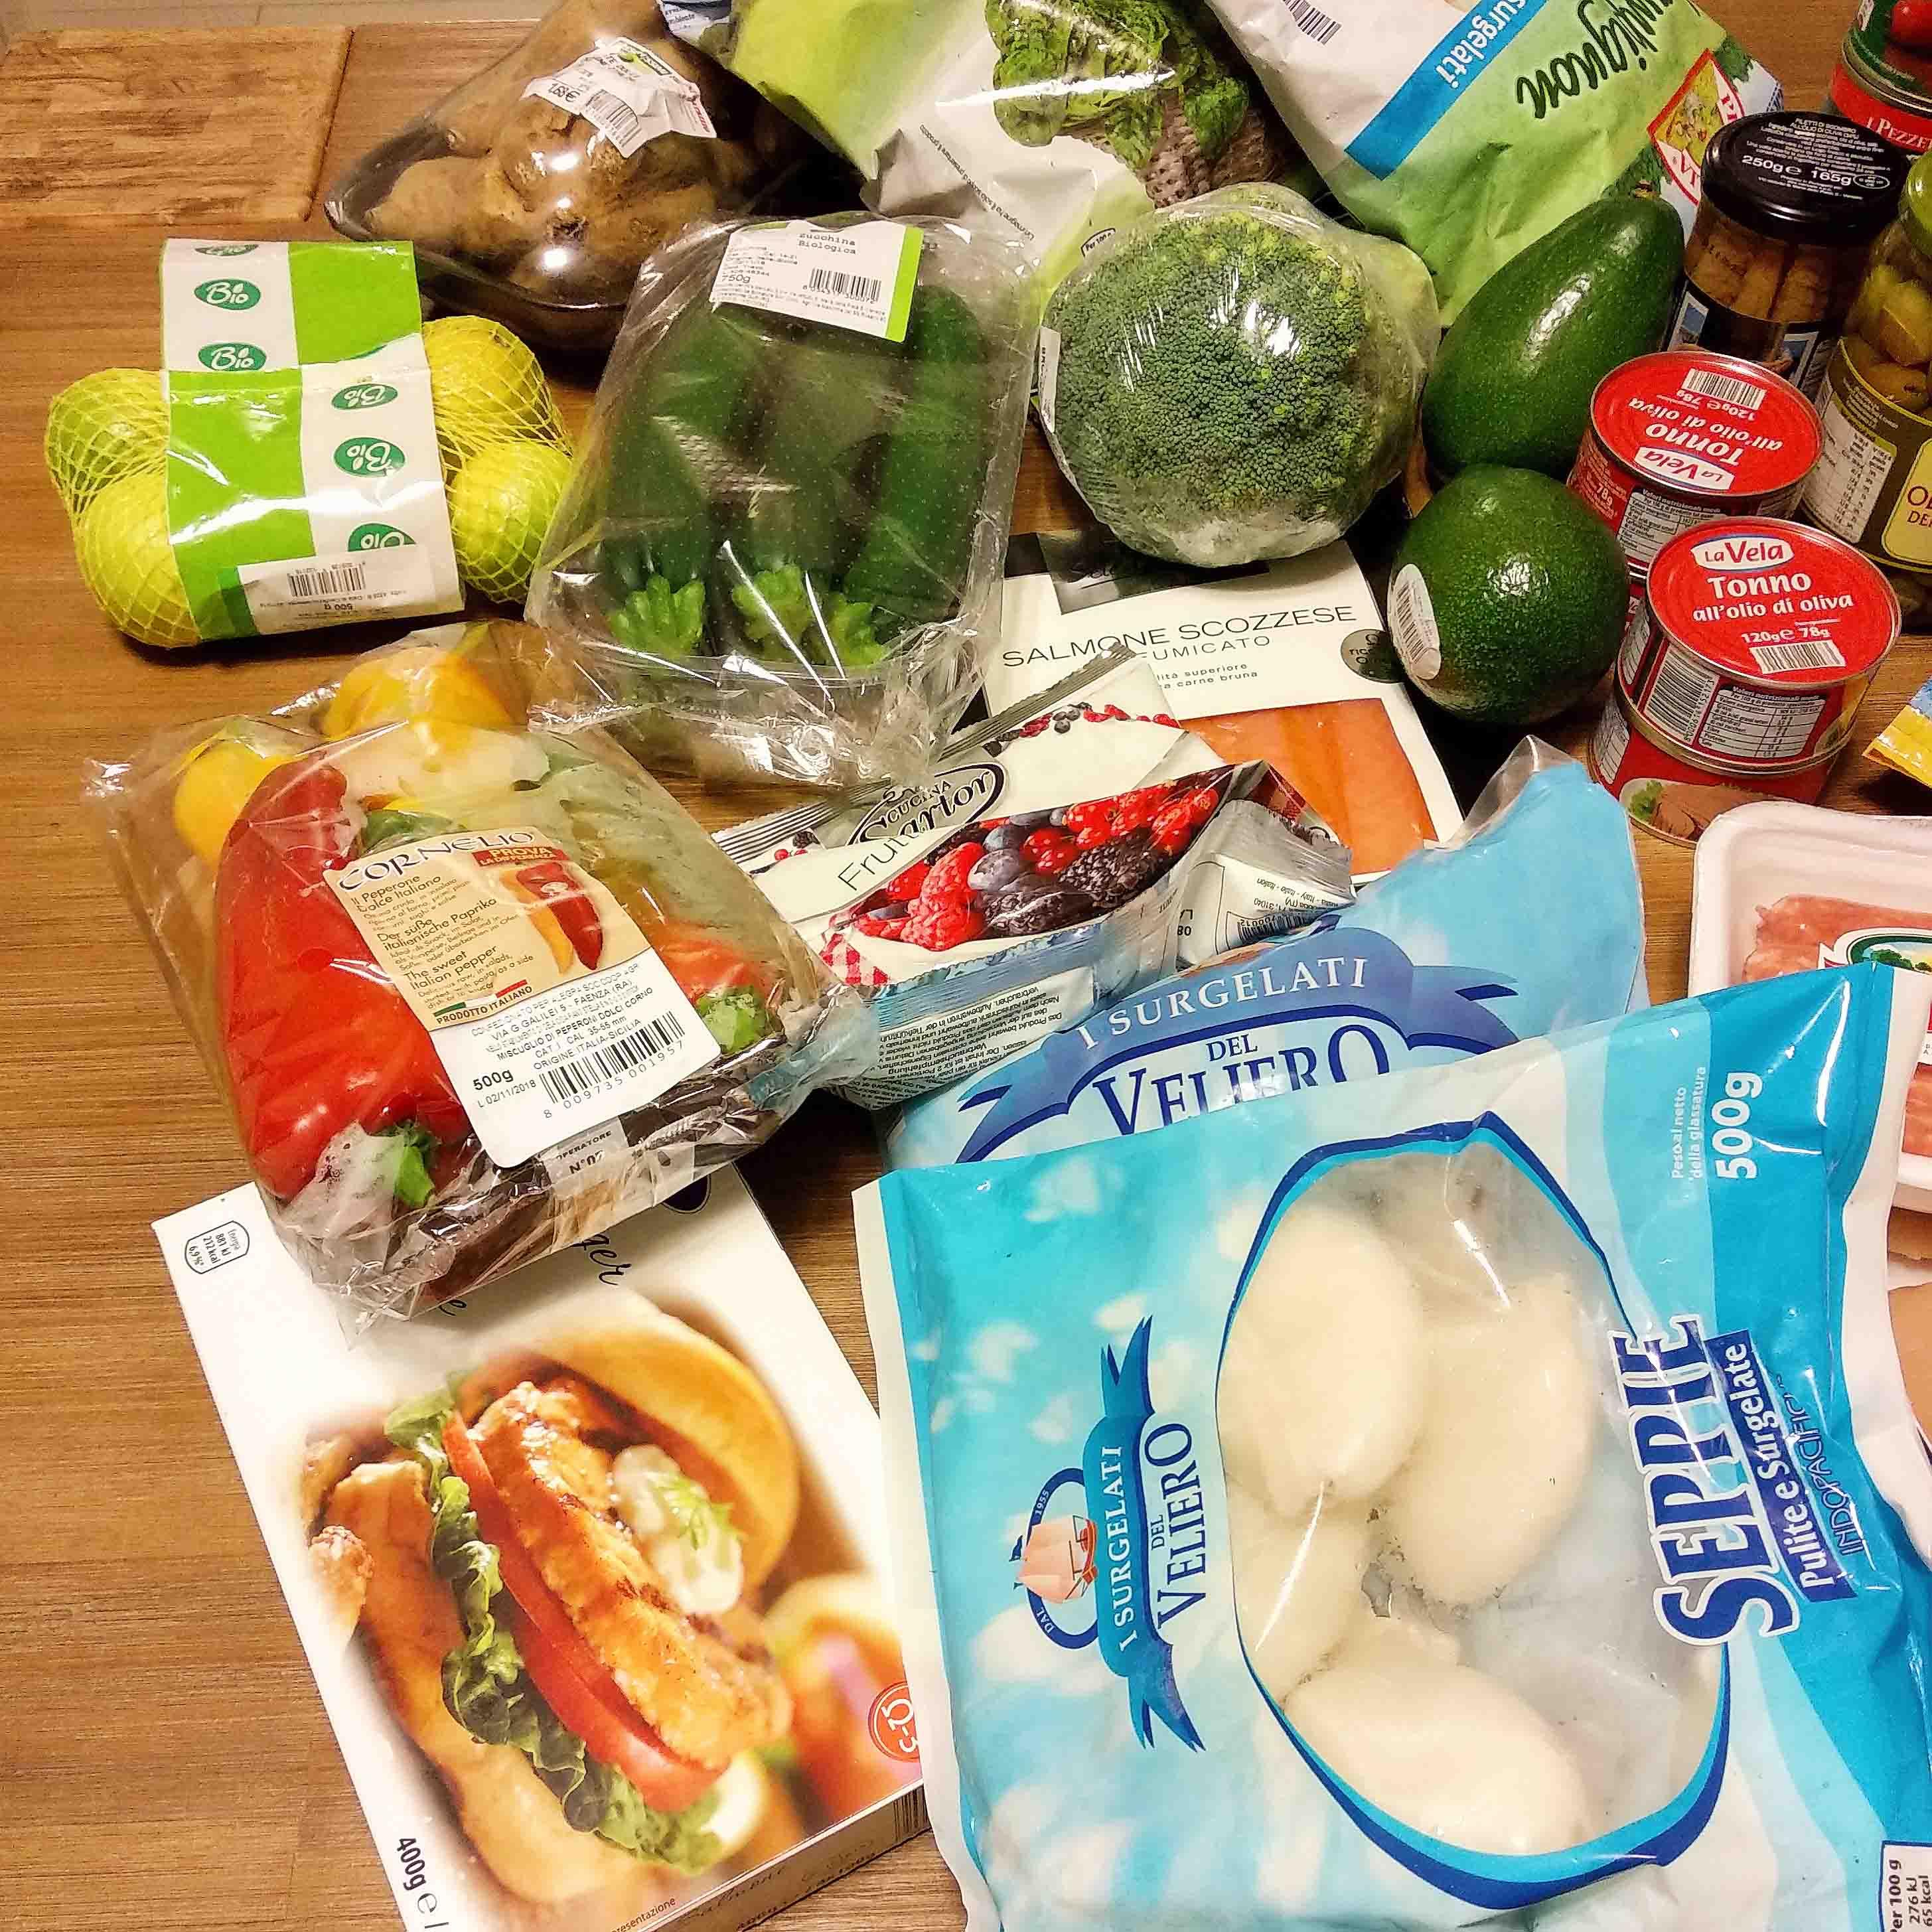 quali verdure posso mangiare nella dieta cheto?